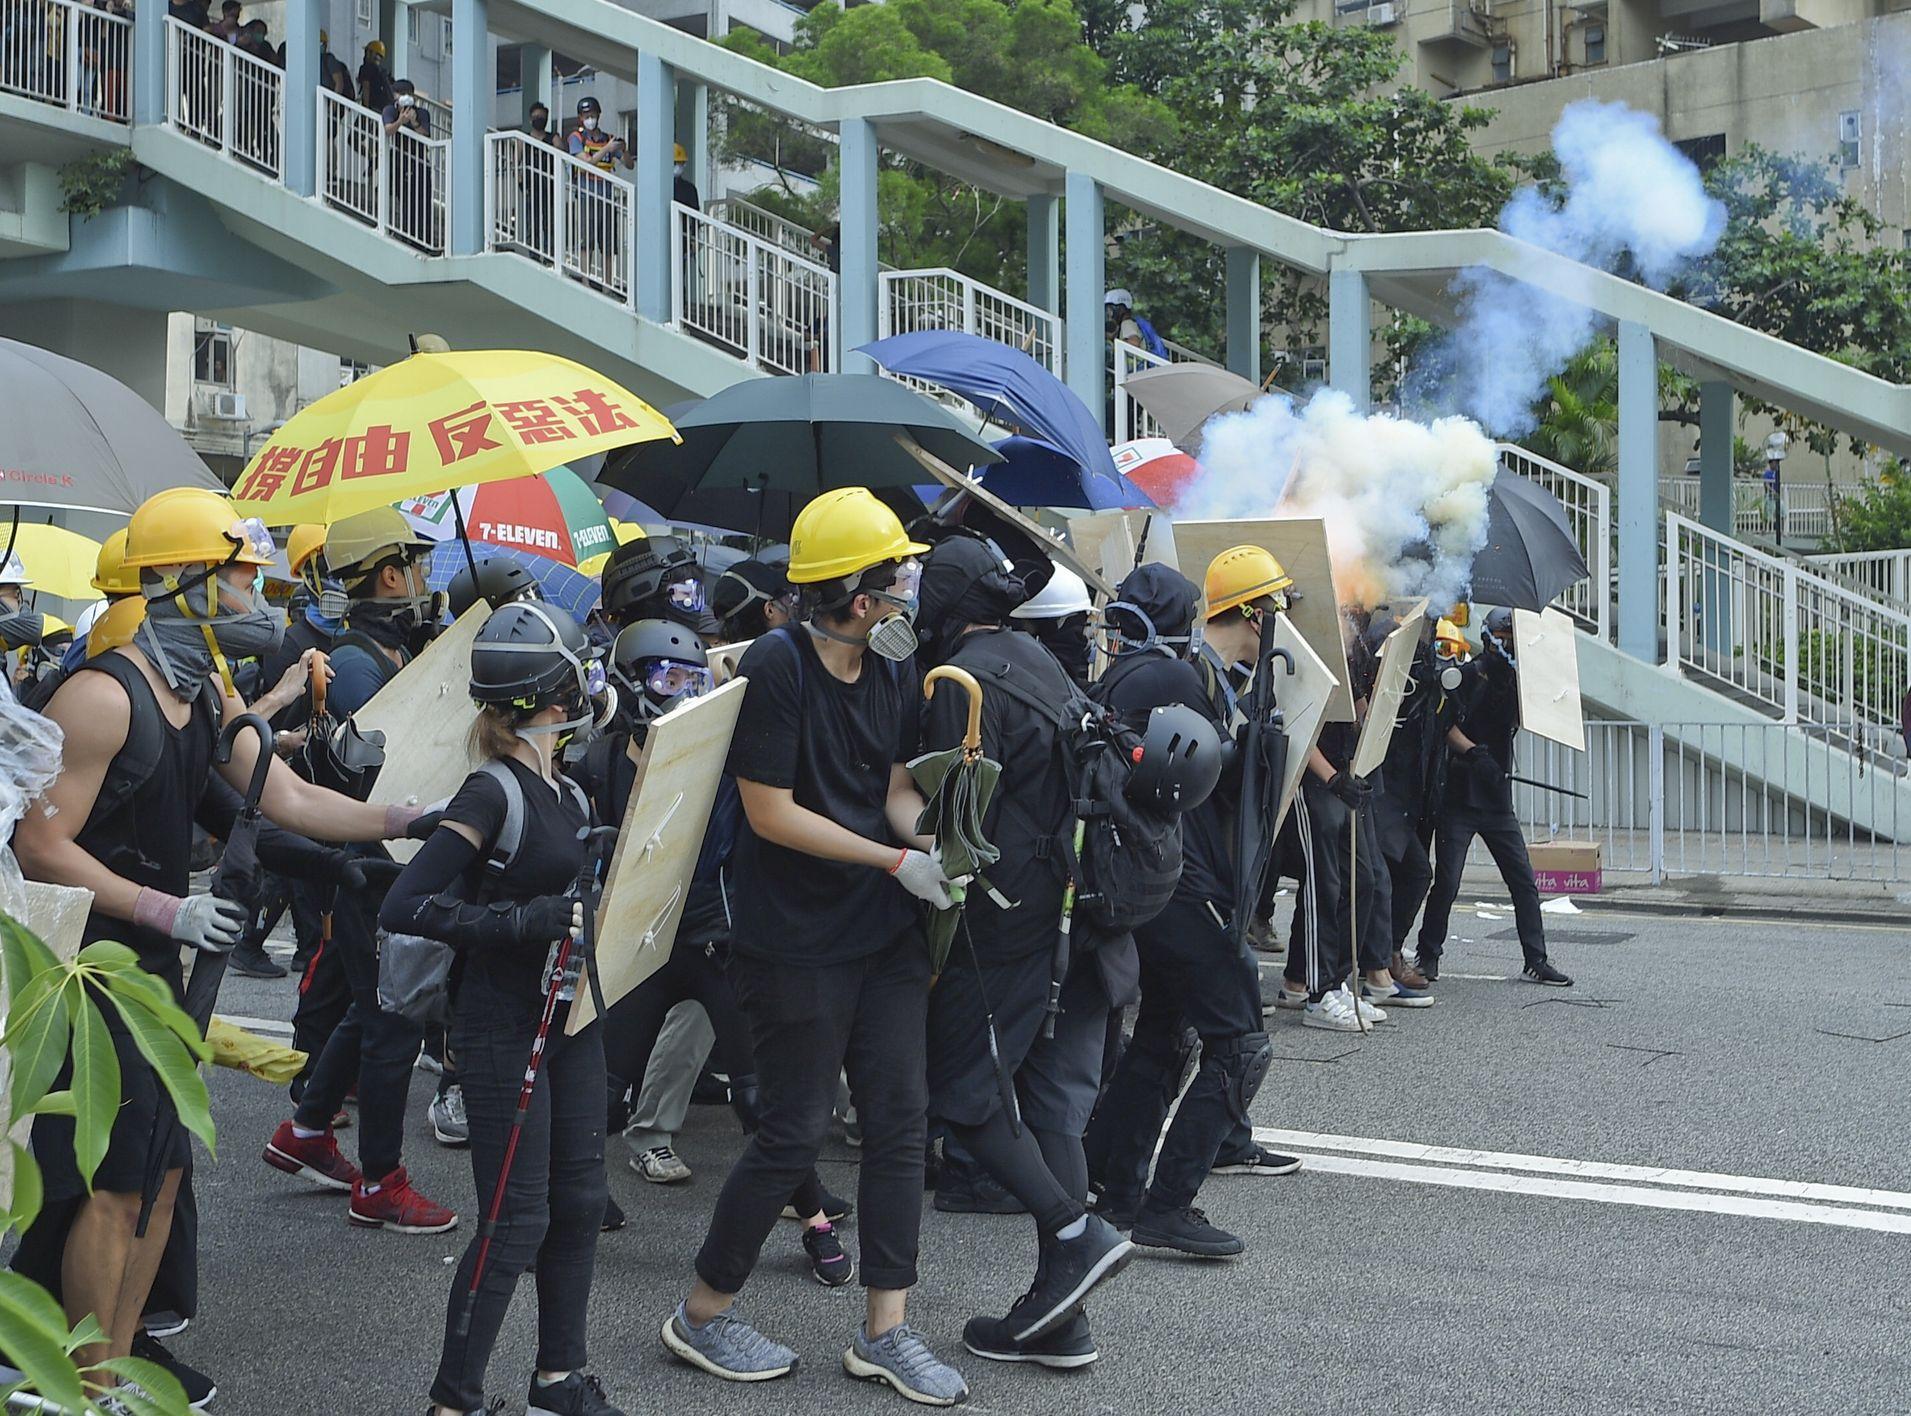 建制派指,有配備裝備的示威者於昨日進行非法集結。資料圖片